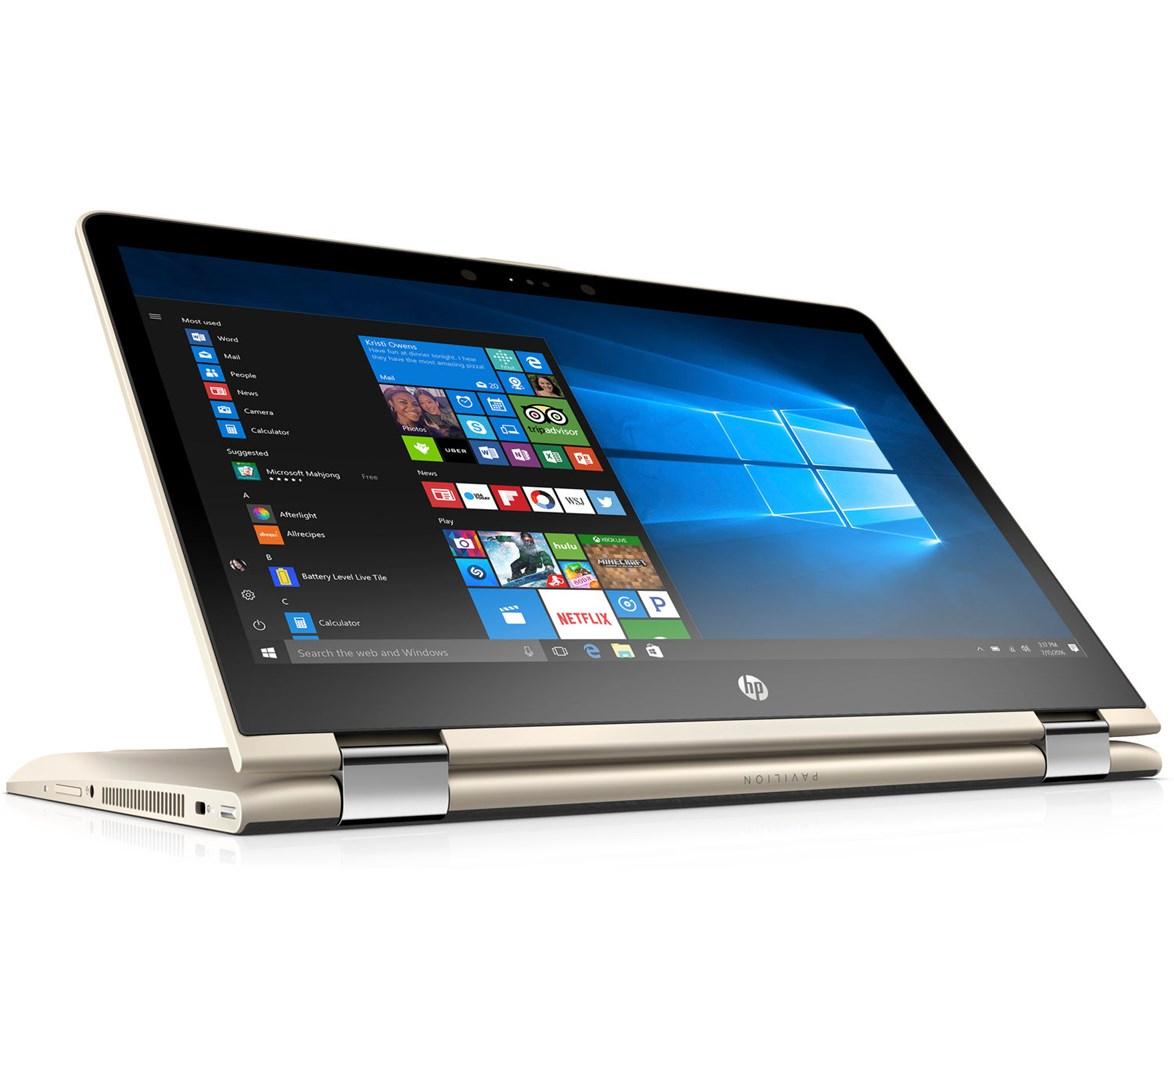 HP Pavillion X360 14-ba009no